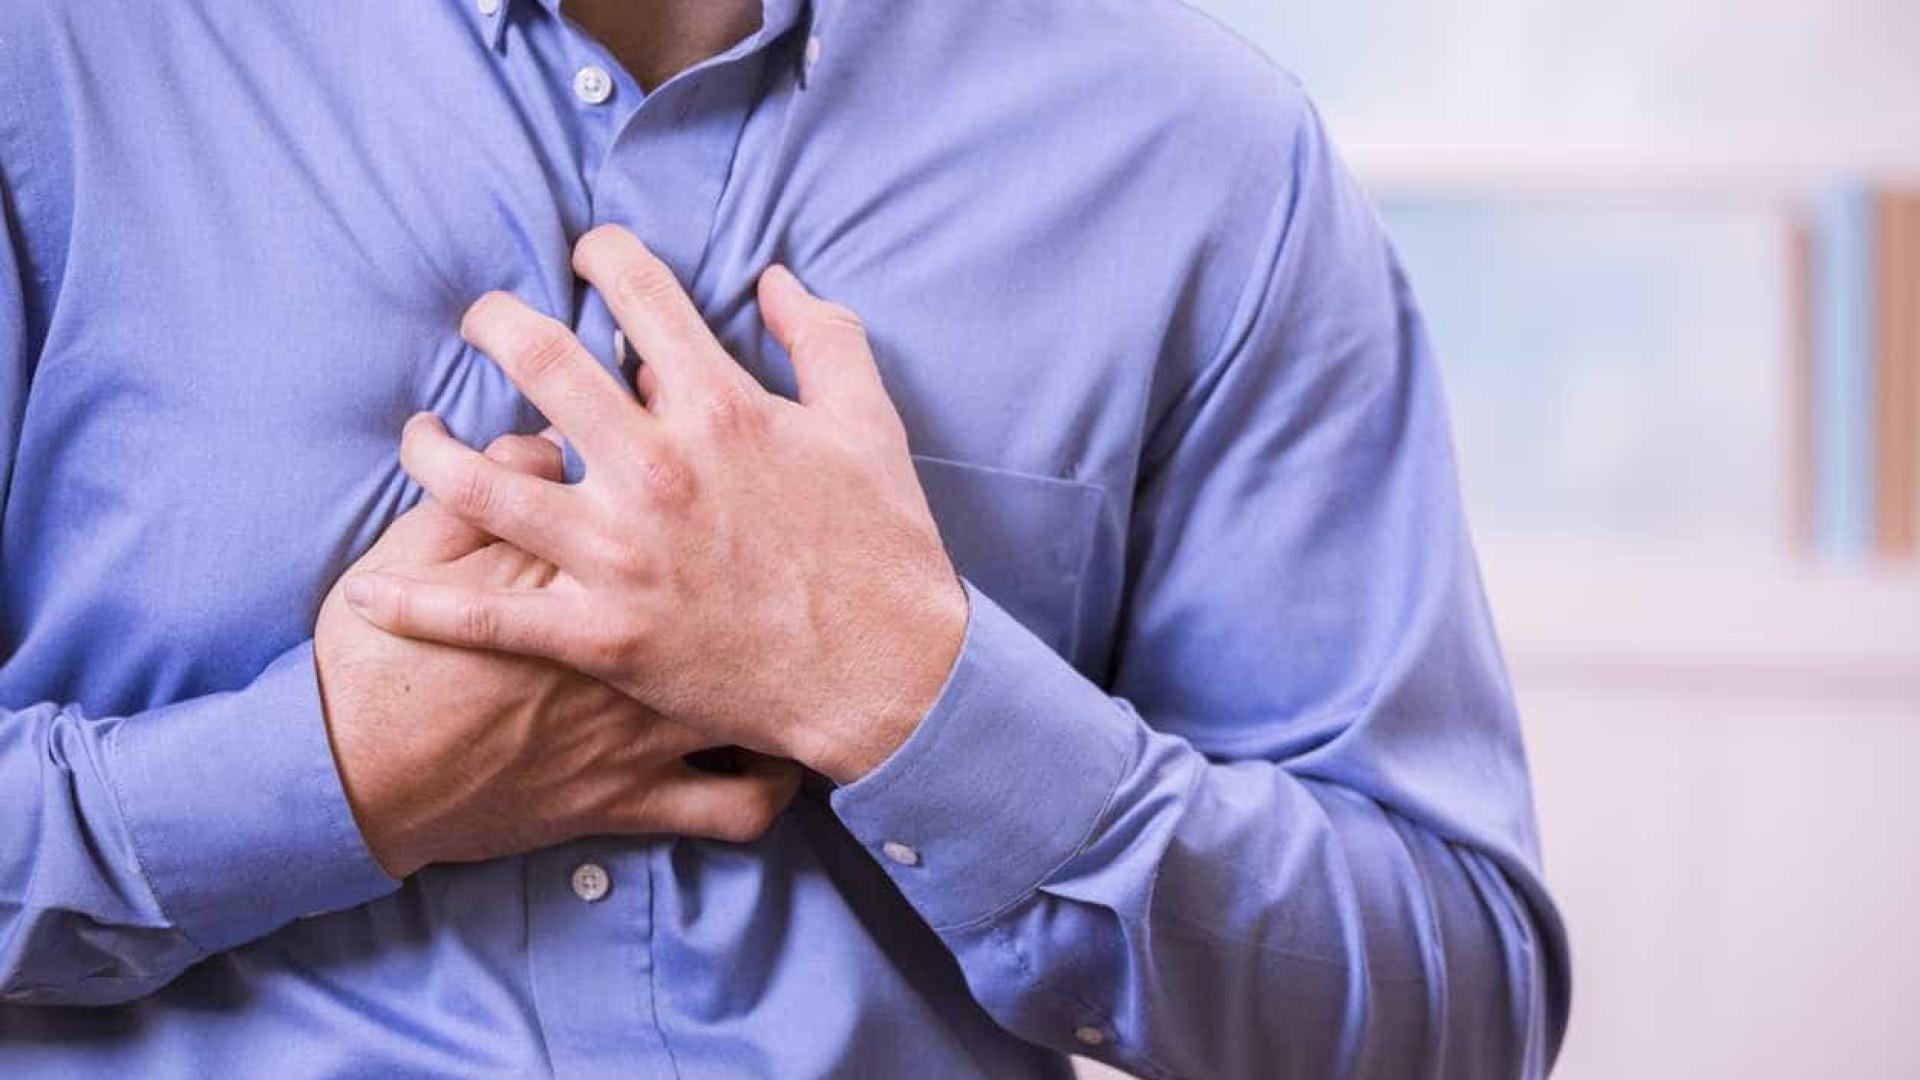 Causas para a dor de peito e que não têm a ver com ataques cardíacos